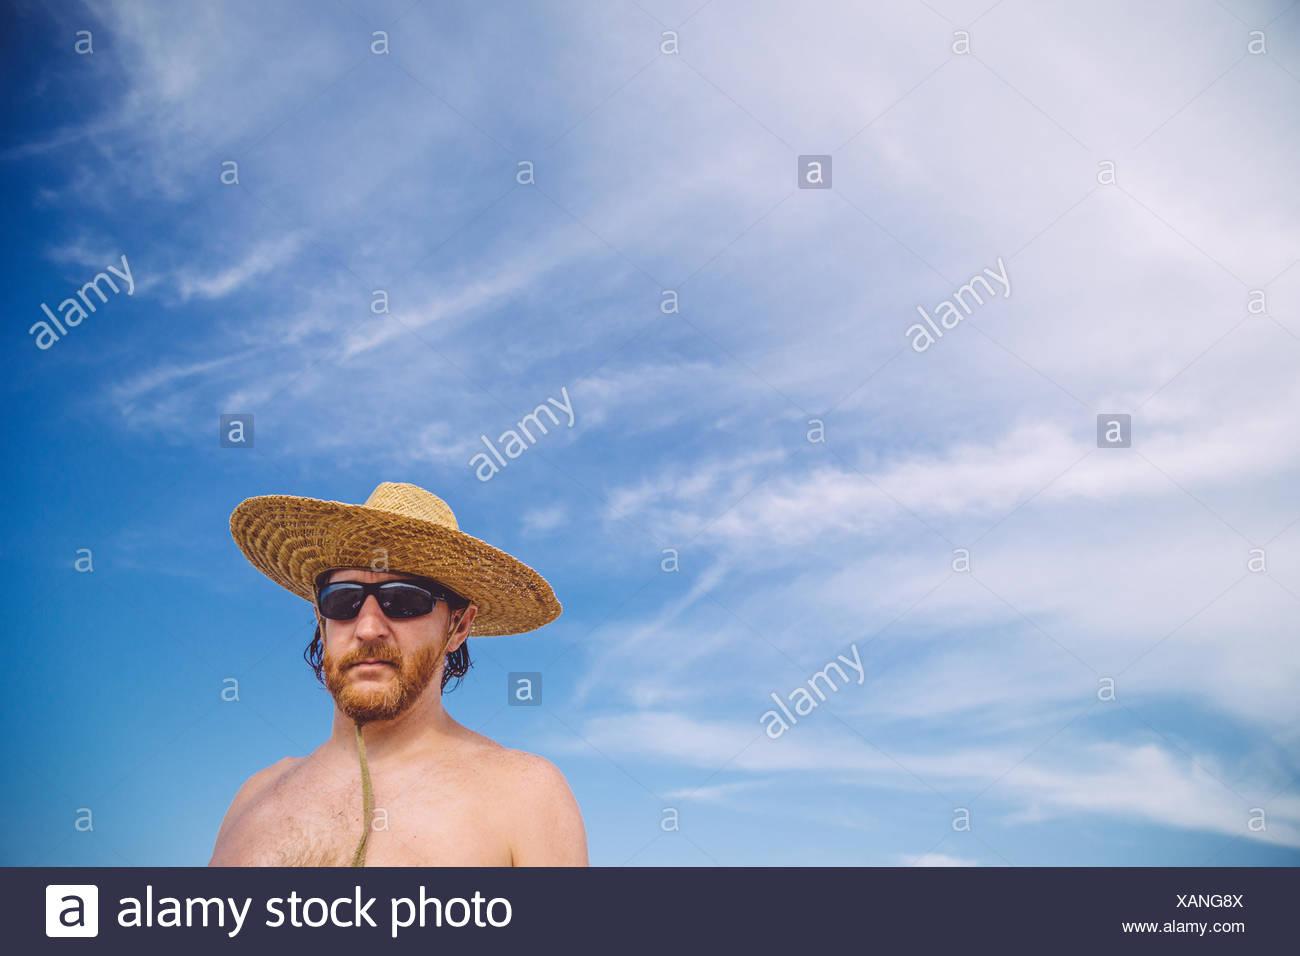 Basso angolo di vista Shirtless uomo maturo indossando Hat contro Sky Immagini Stock